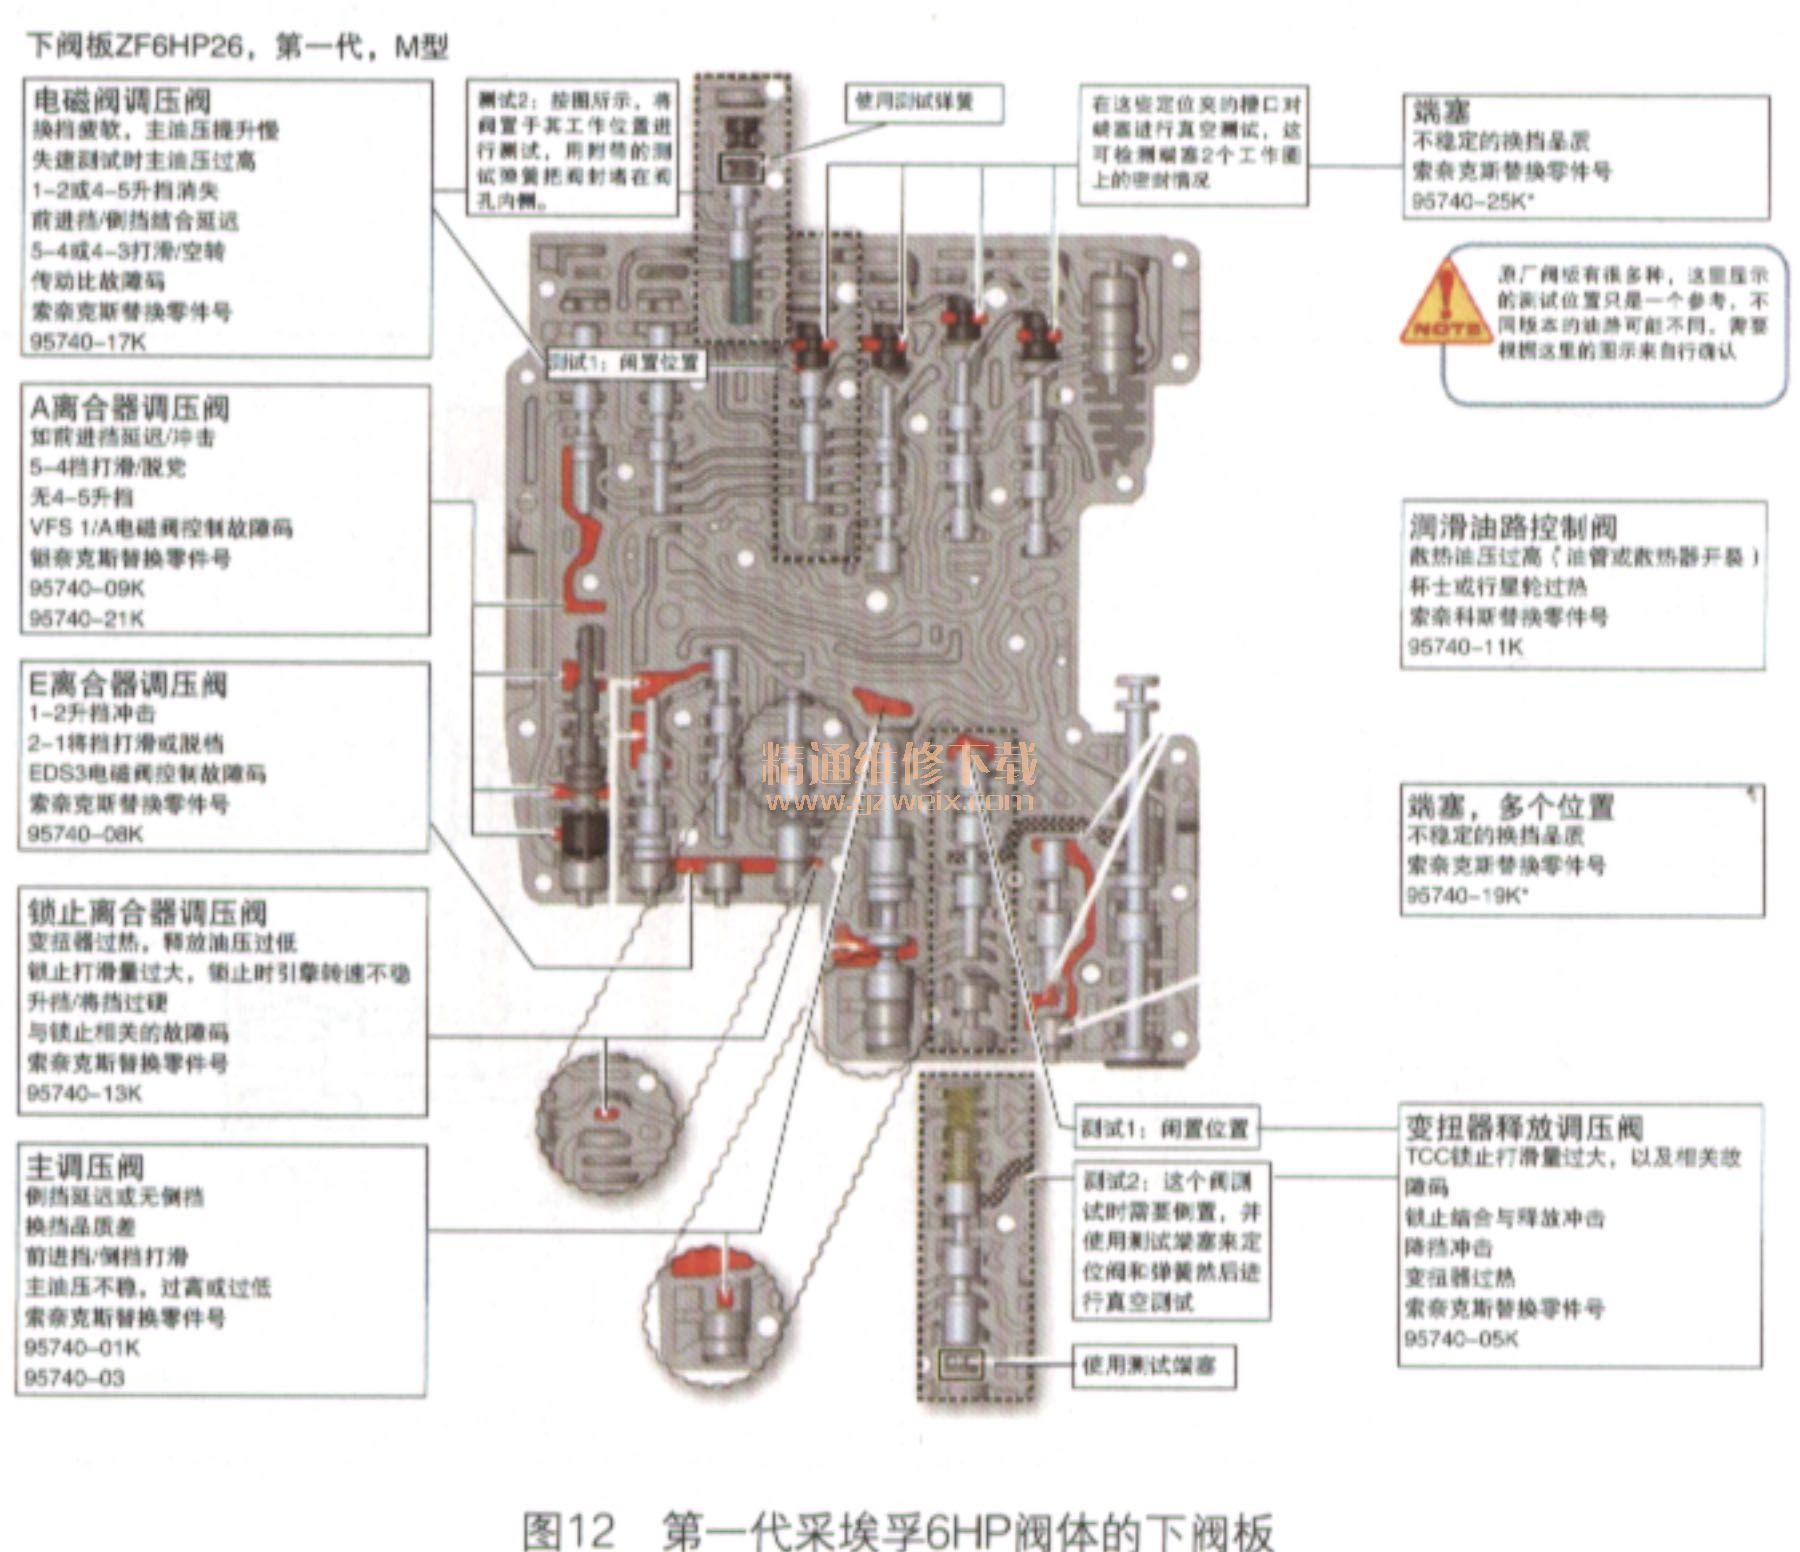 工作位置是此阀在油压的作用下在调节电磁阀供油的情况下所处的位置